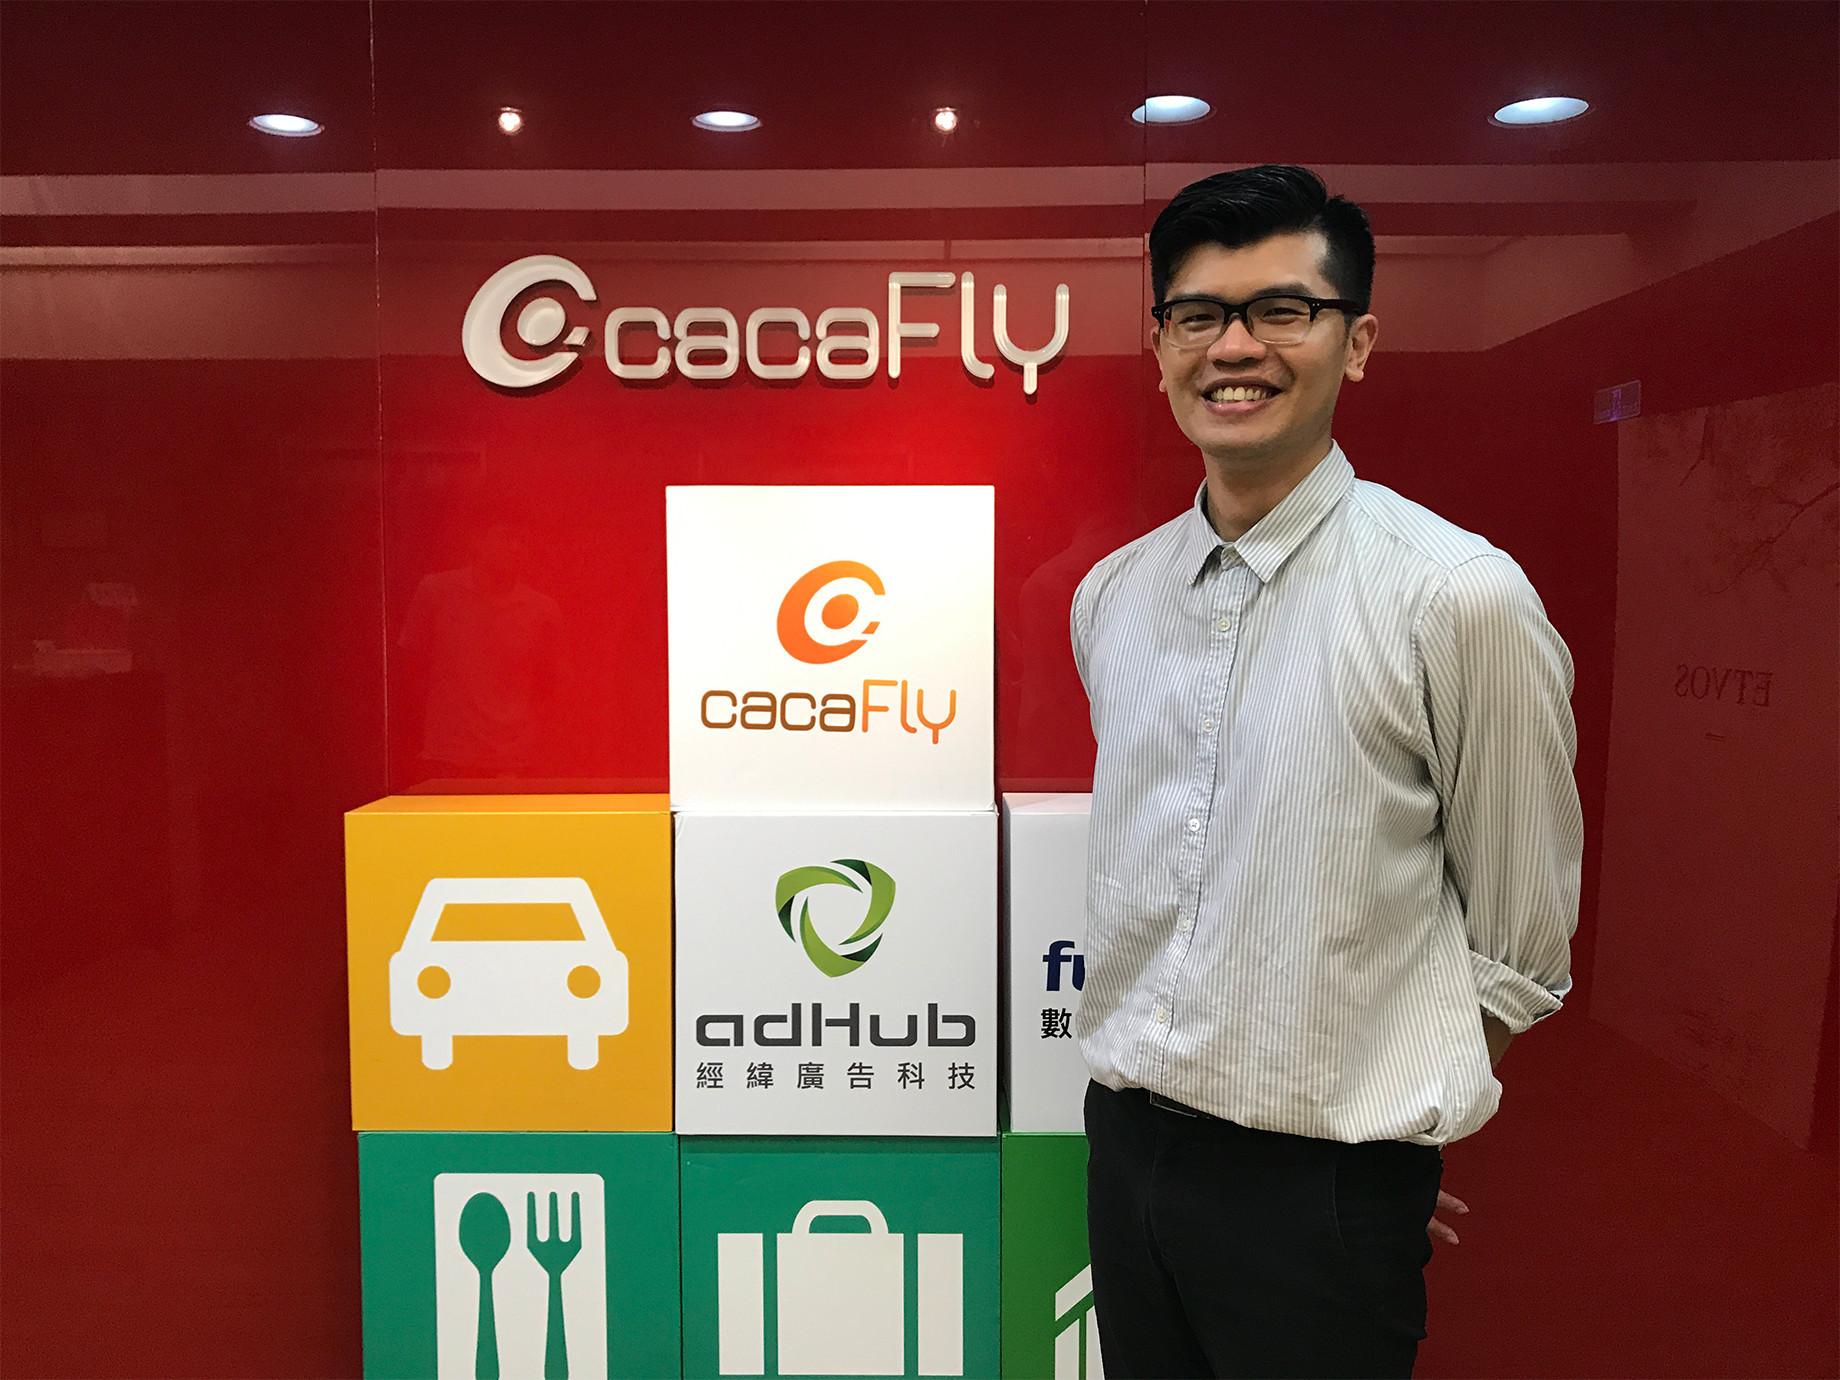 工作分享》江銓文(cacaFly業務總監):網路世代,別怕資訊透明化